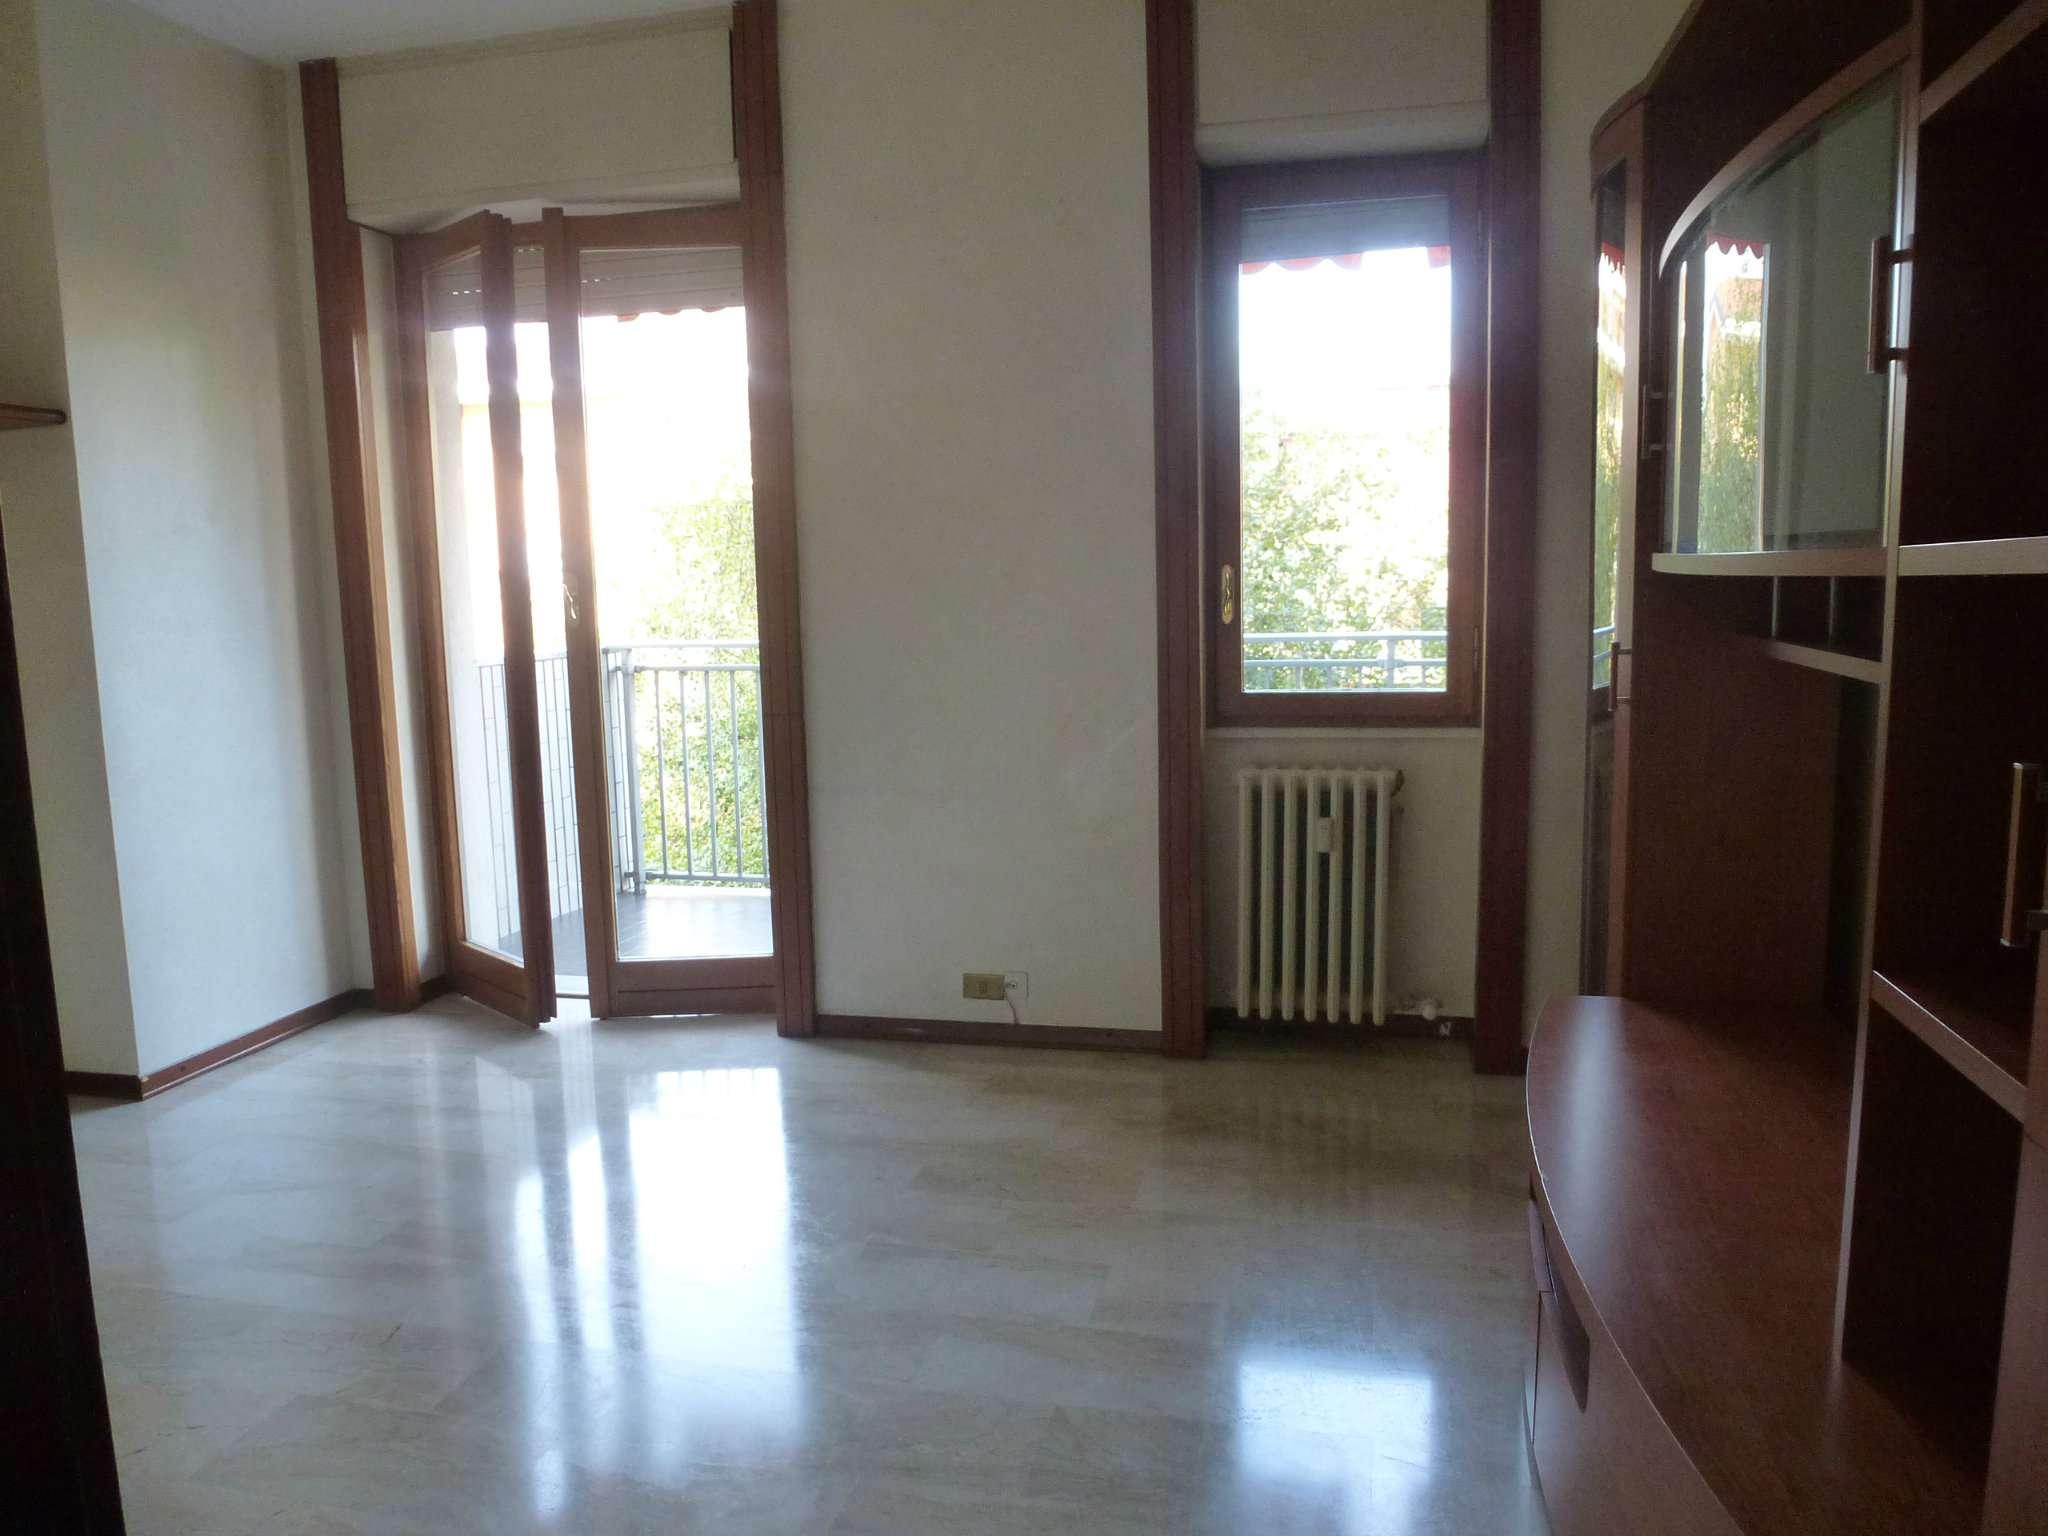 Appartamento in affitto a Novate Milanese, 3 locali, prezzo € 800 | CambioCasa.it